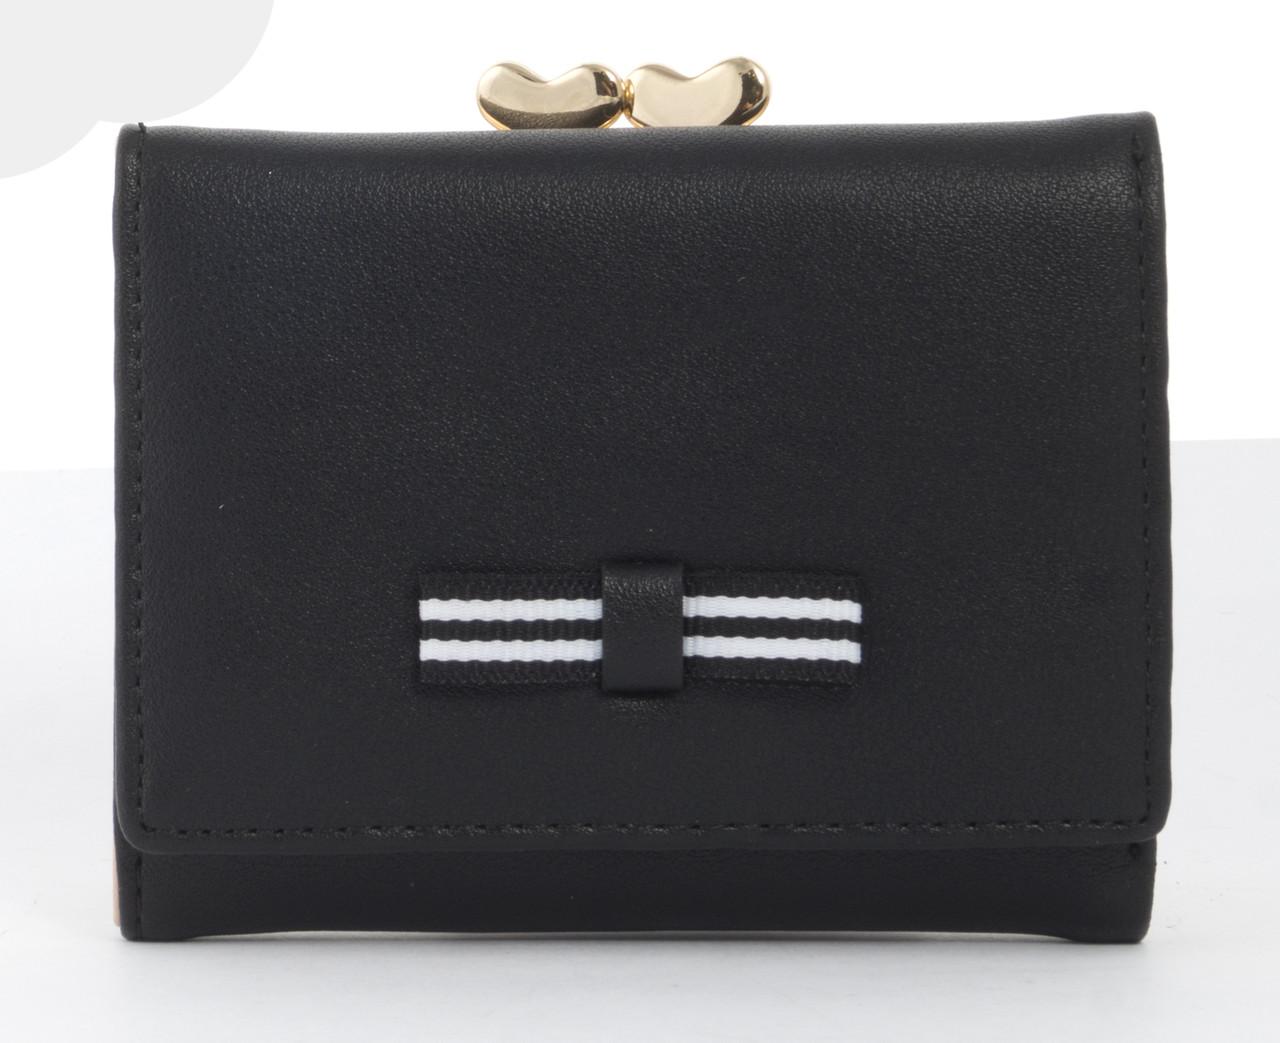 Женский маленький многофункциональный прочный вместительный кошелек TAILIAN art.T7368-048 черный